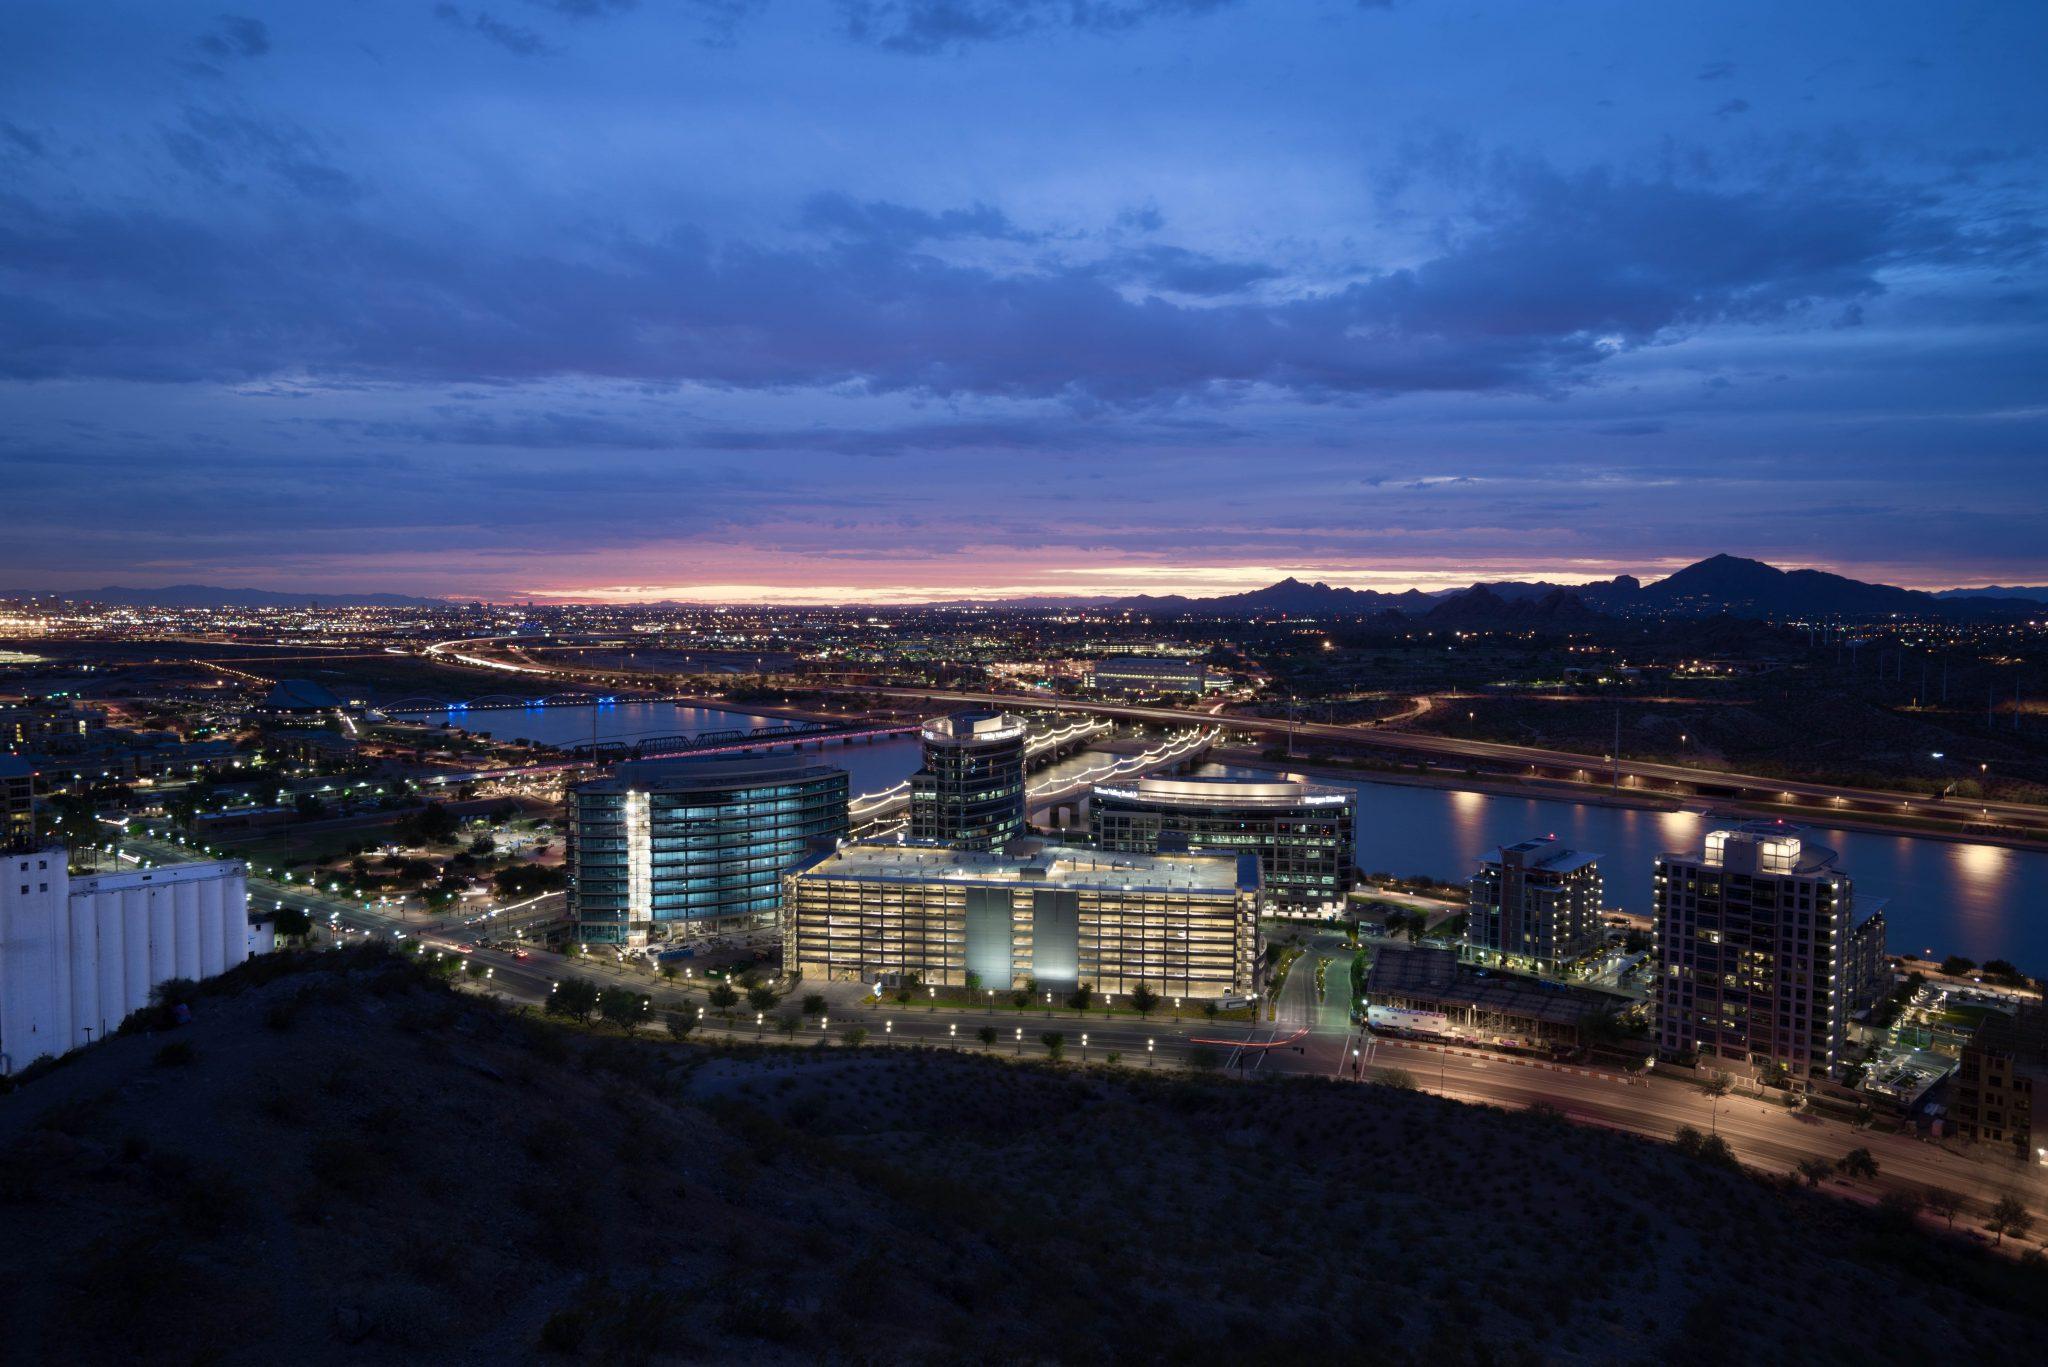 night skyline view of Tempe Arizona